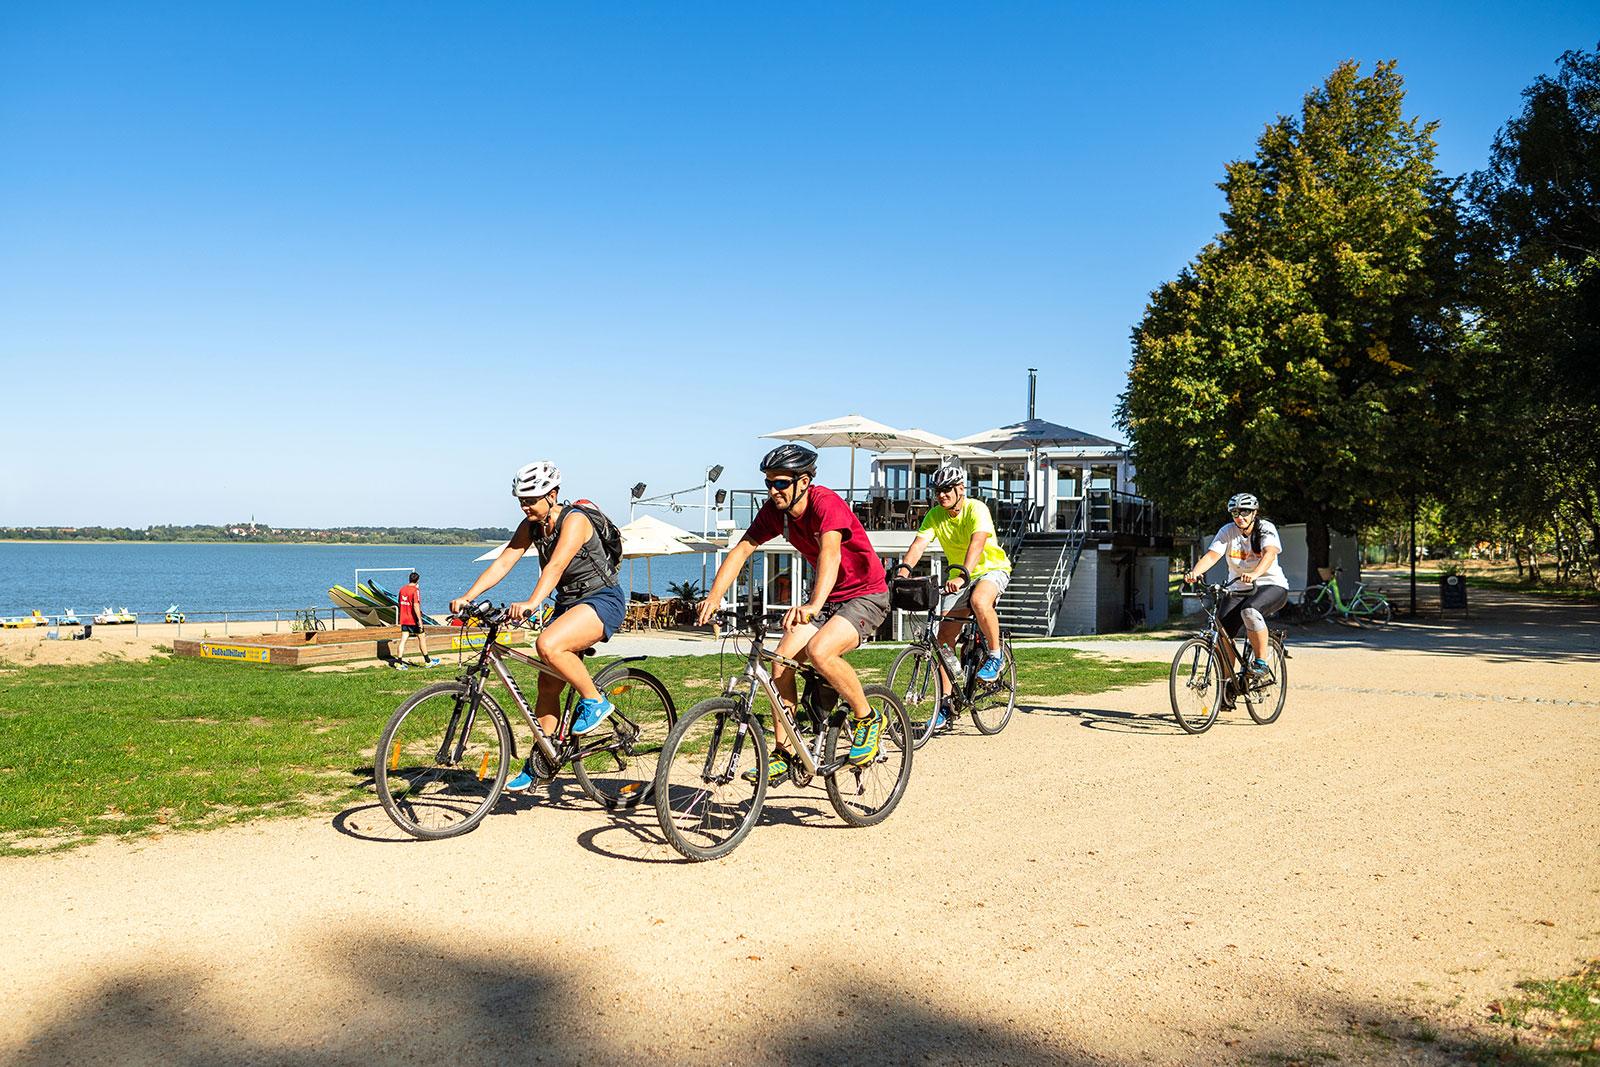 Vordergrund eine Gruppe Radfahrer, Hintergrund Stausee Bautzen